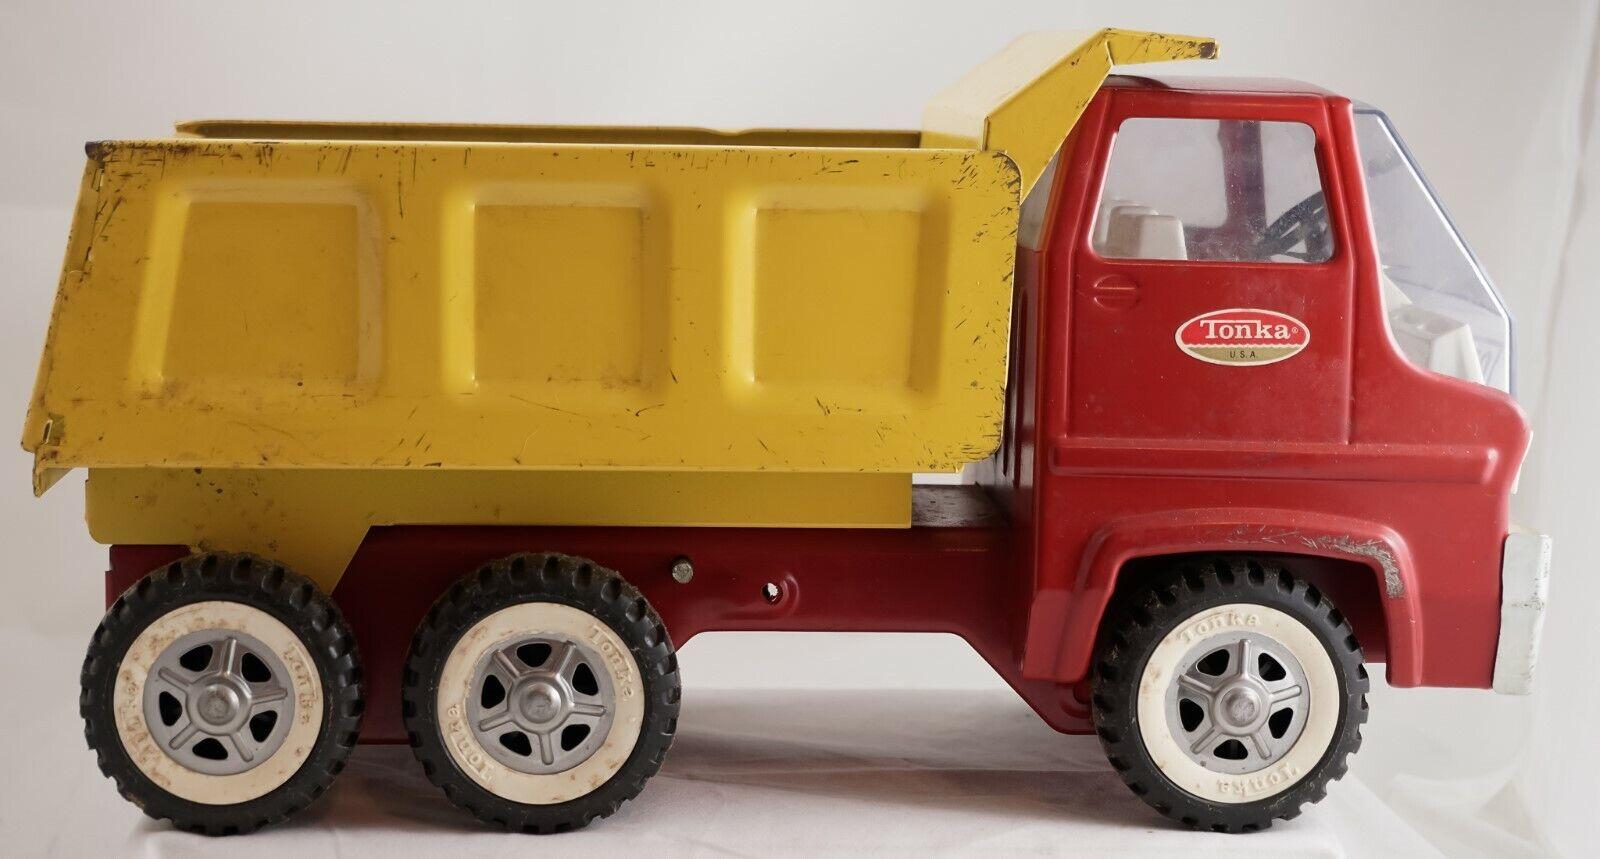 ahorra hasta un 30-50% de descuento Tonka Vintage Rojo y Amarillo Manual Camión Camión Camión 1970 o 1971 Neumáticos Dual 14   tienda de ventas outlet